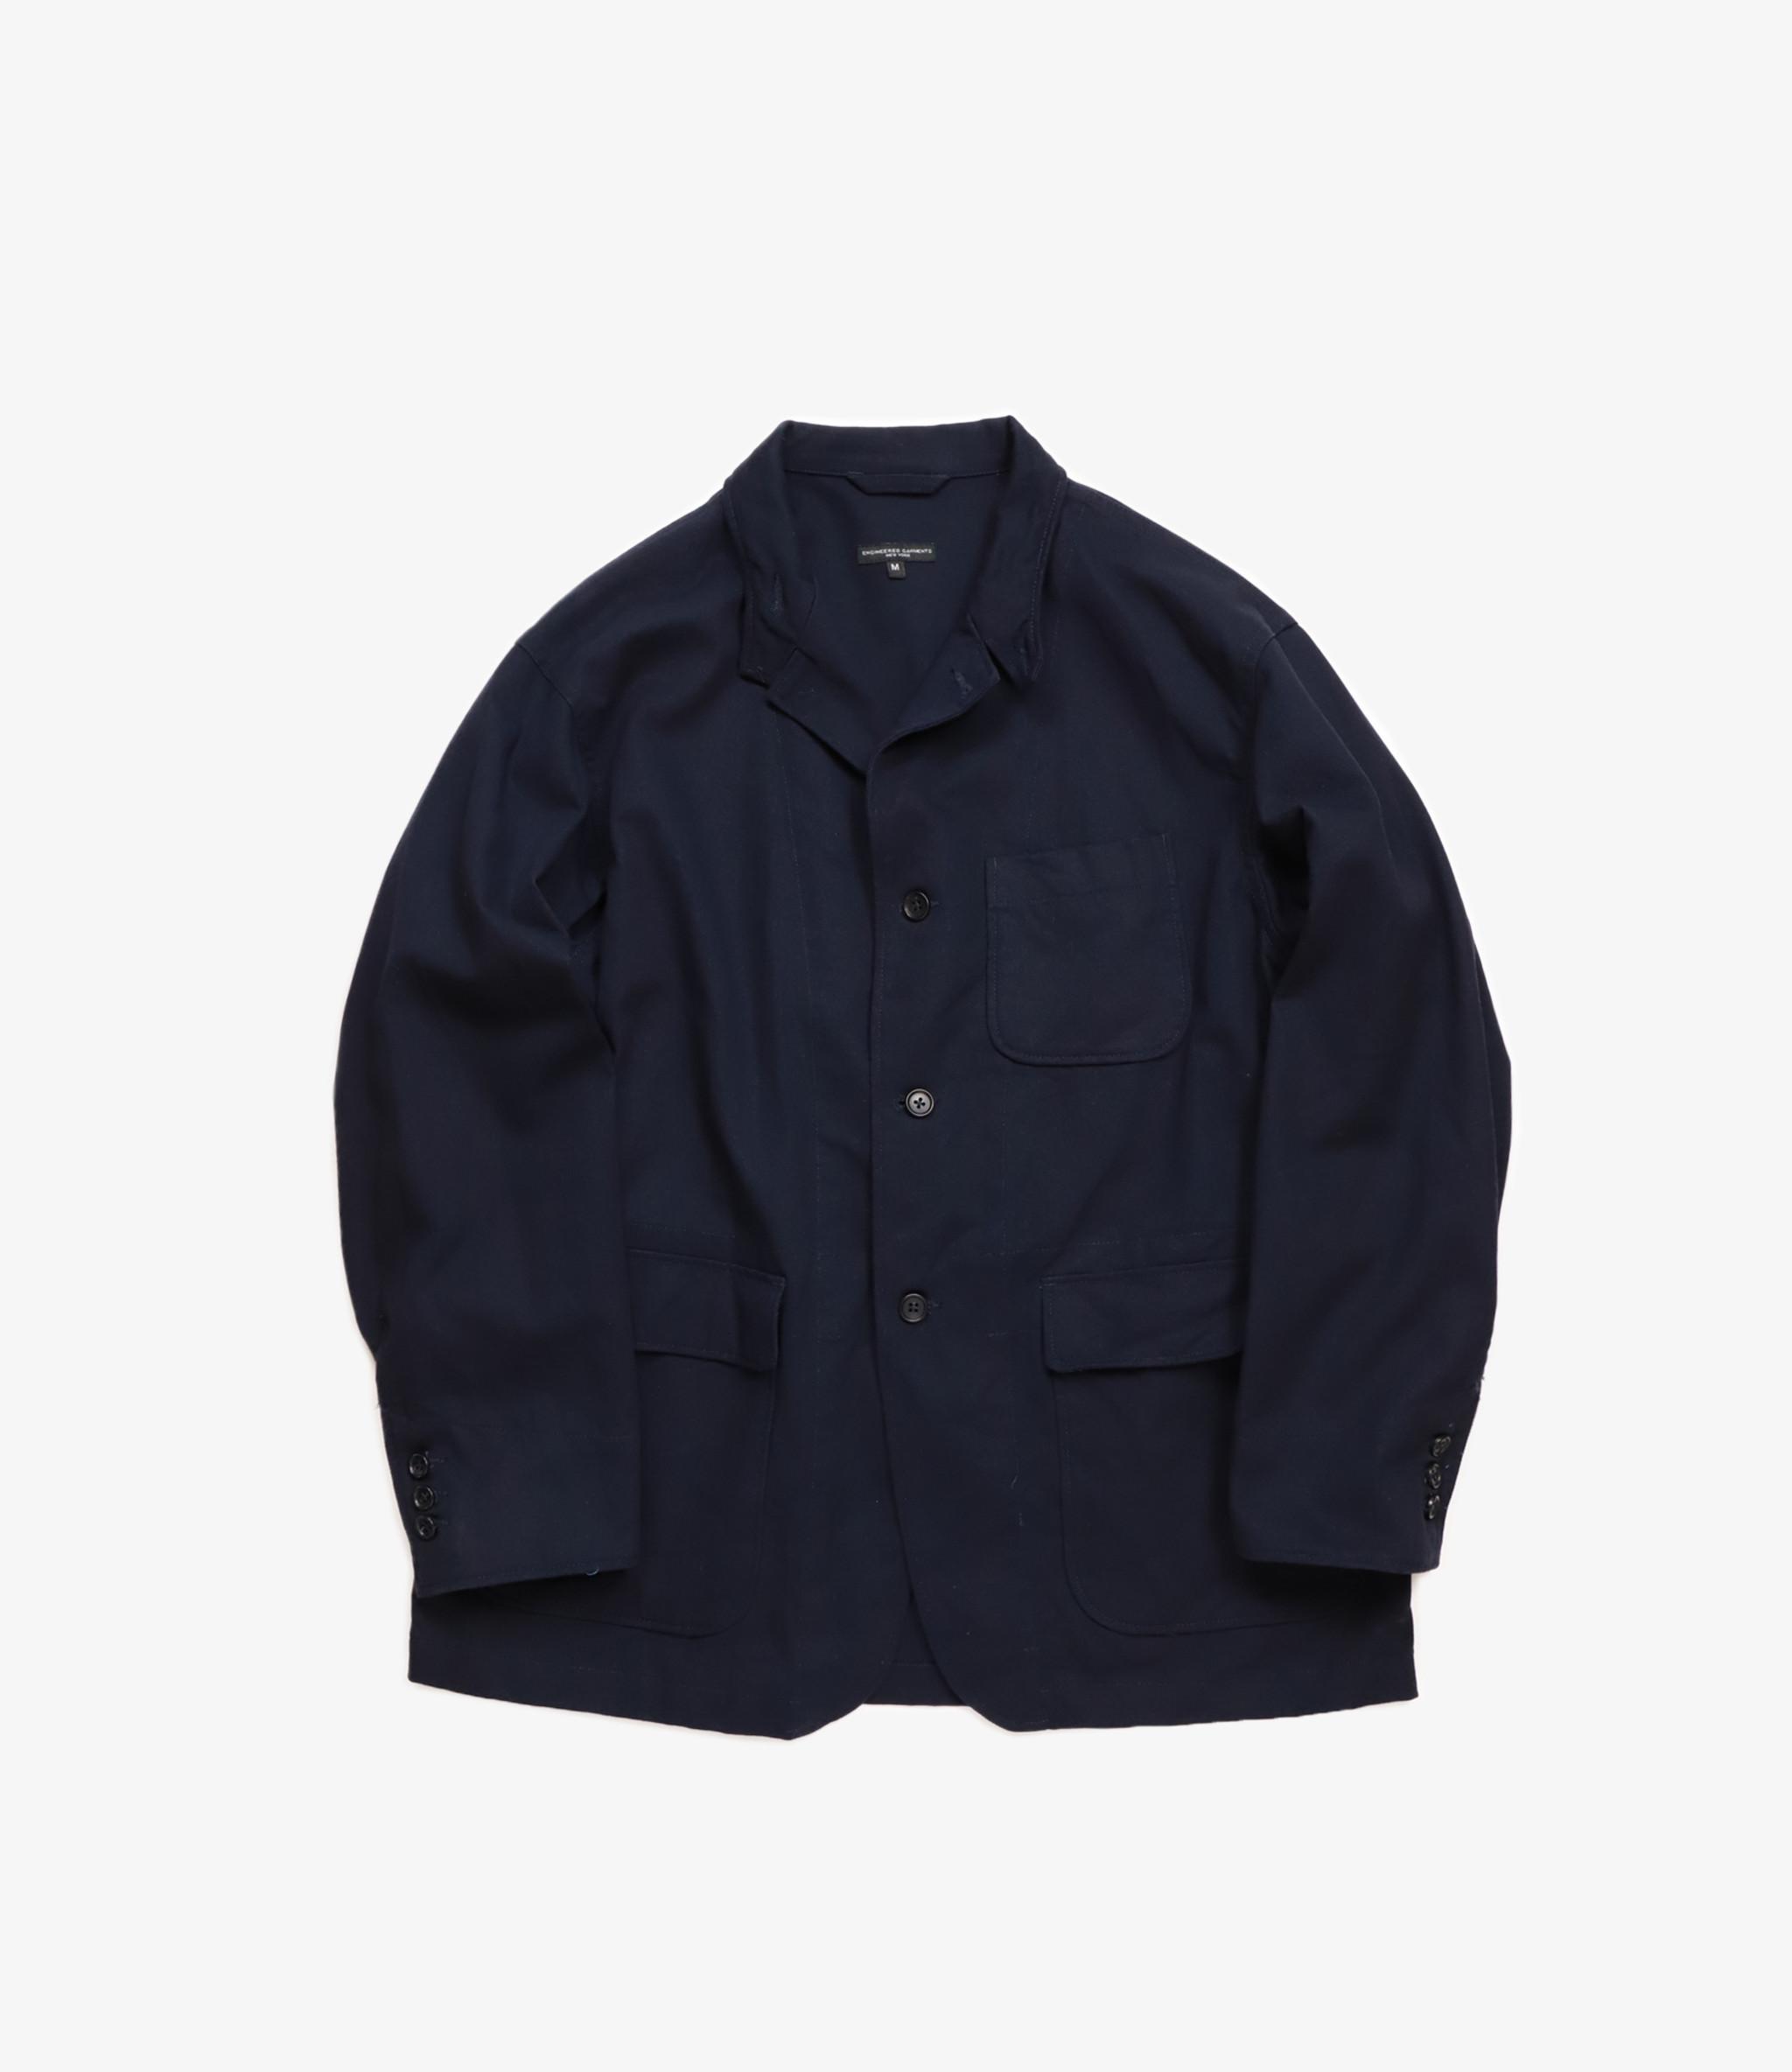 engineered garments no collar jacket engineered garments loiter jacket